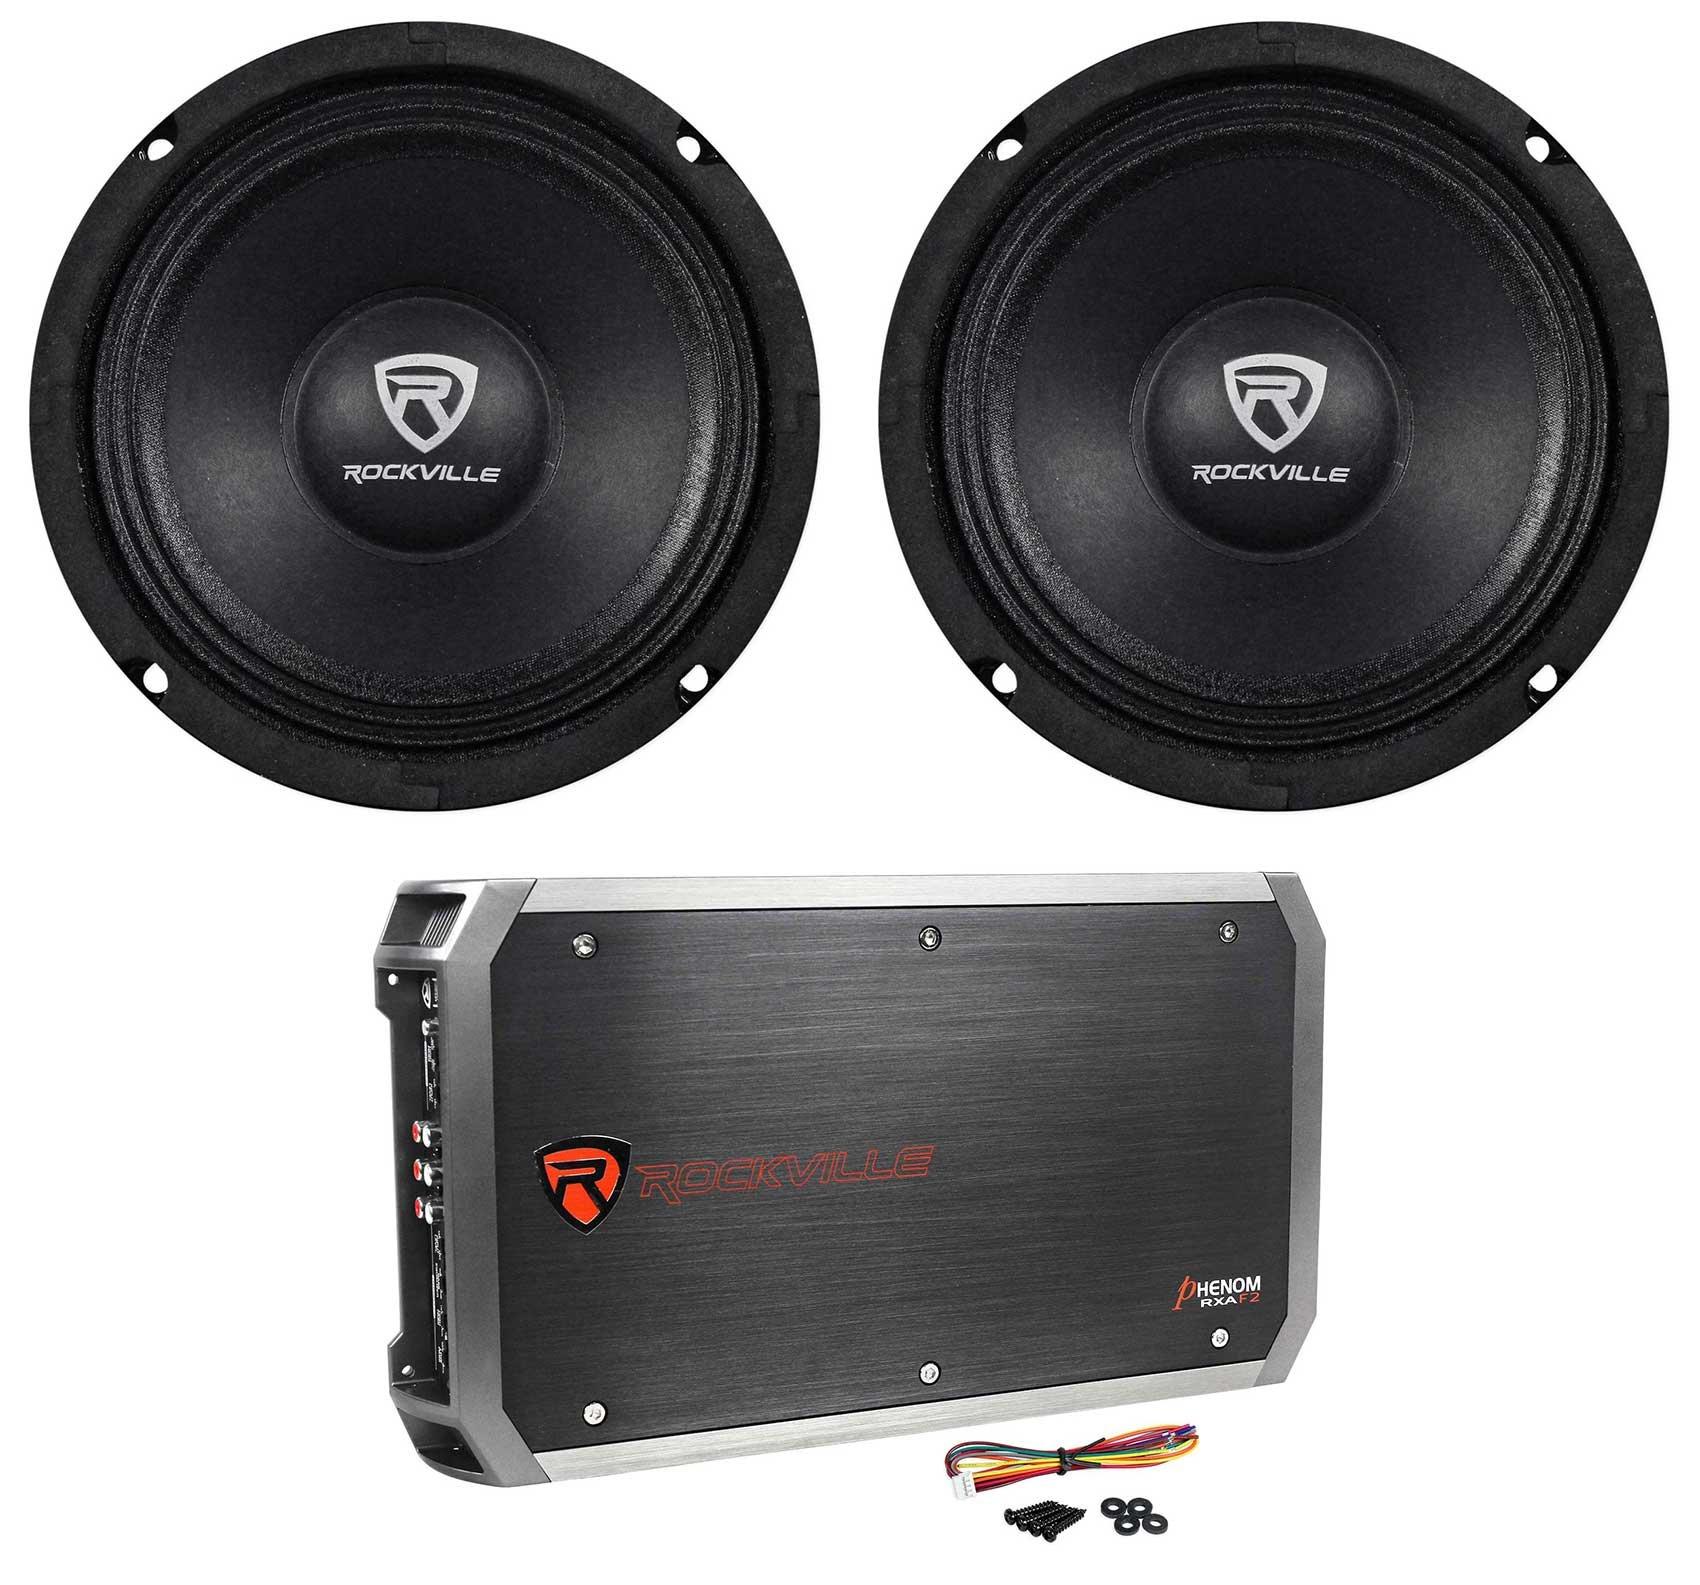 (2) Rockville RM64PRO 6.5'' Mid-Bass Midrange Car Speakers+4-Channel Amplifier by Rockville